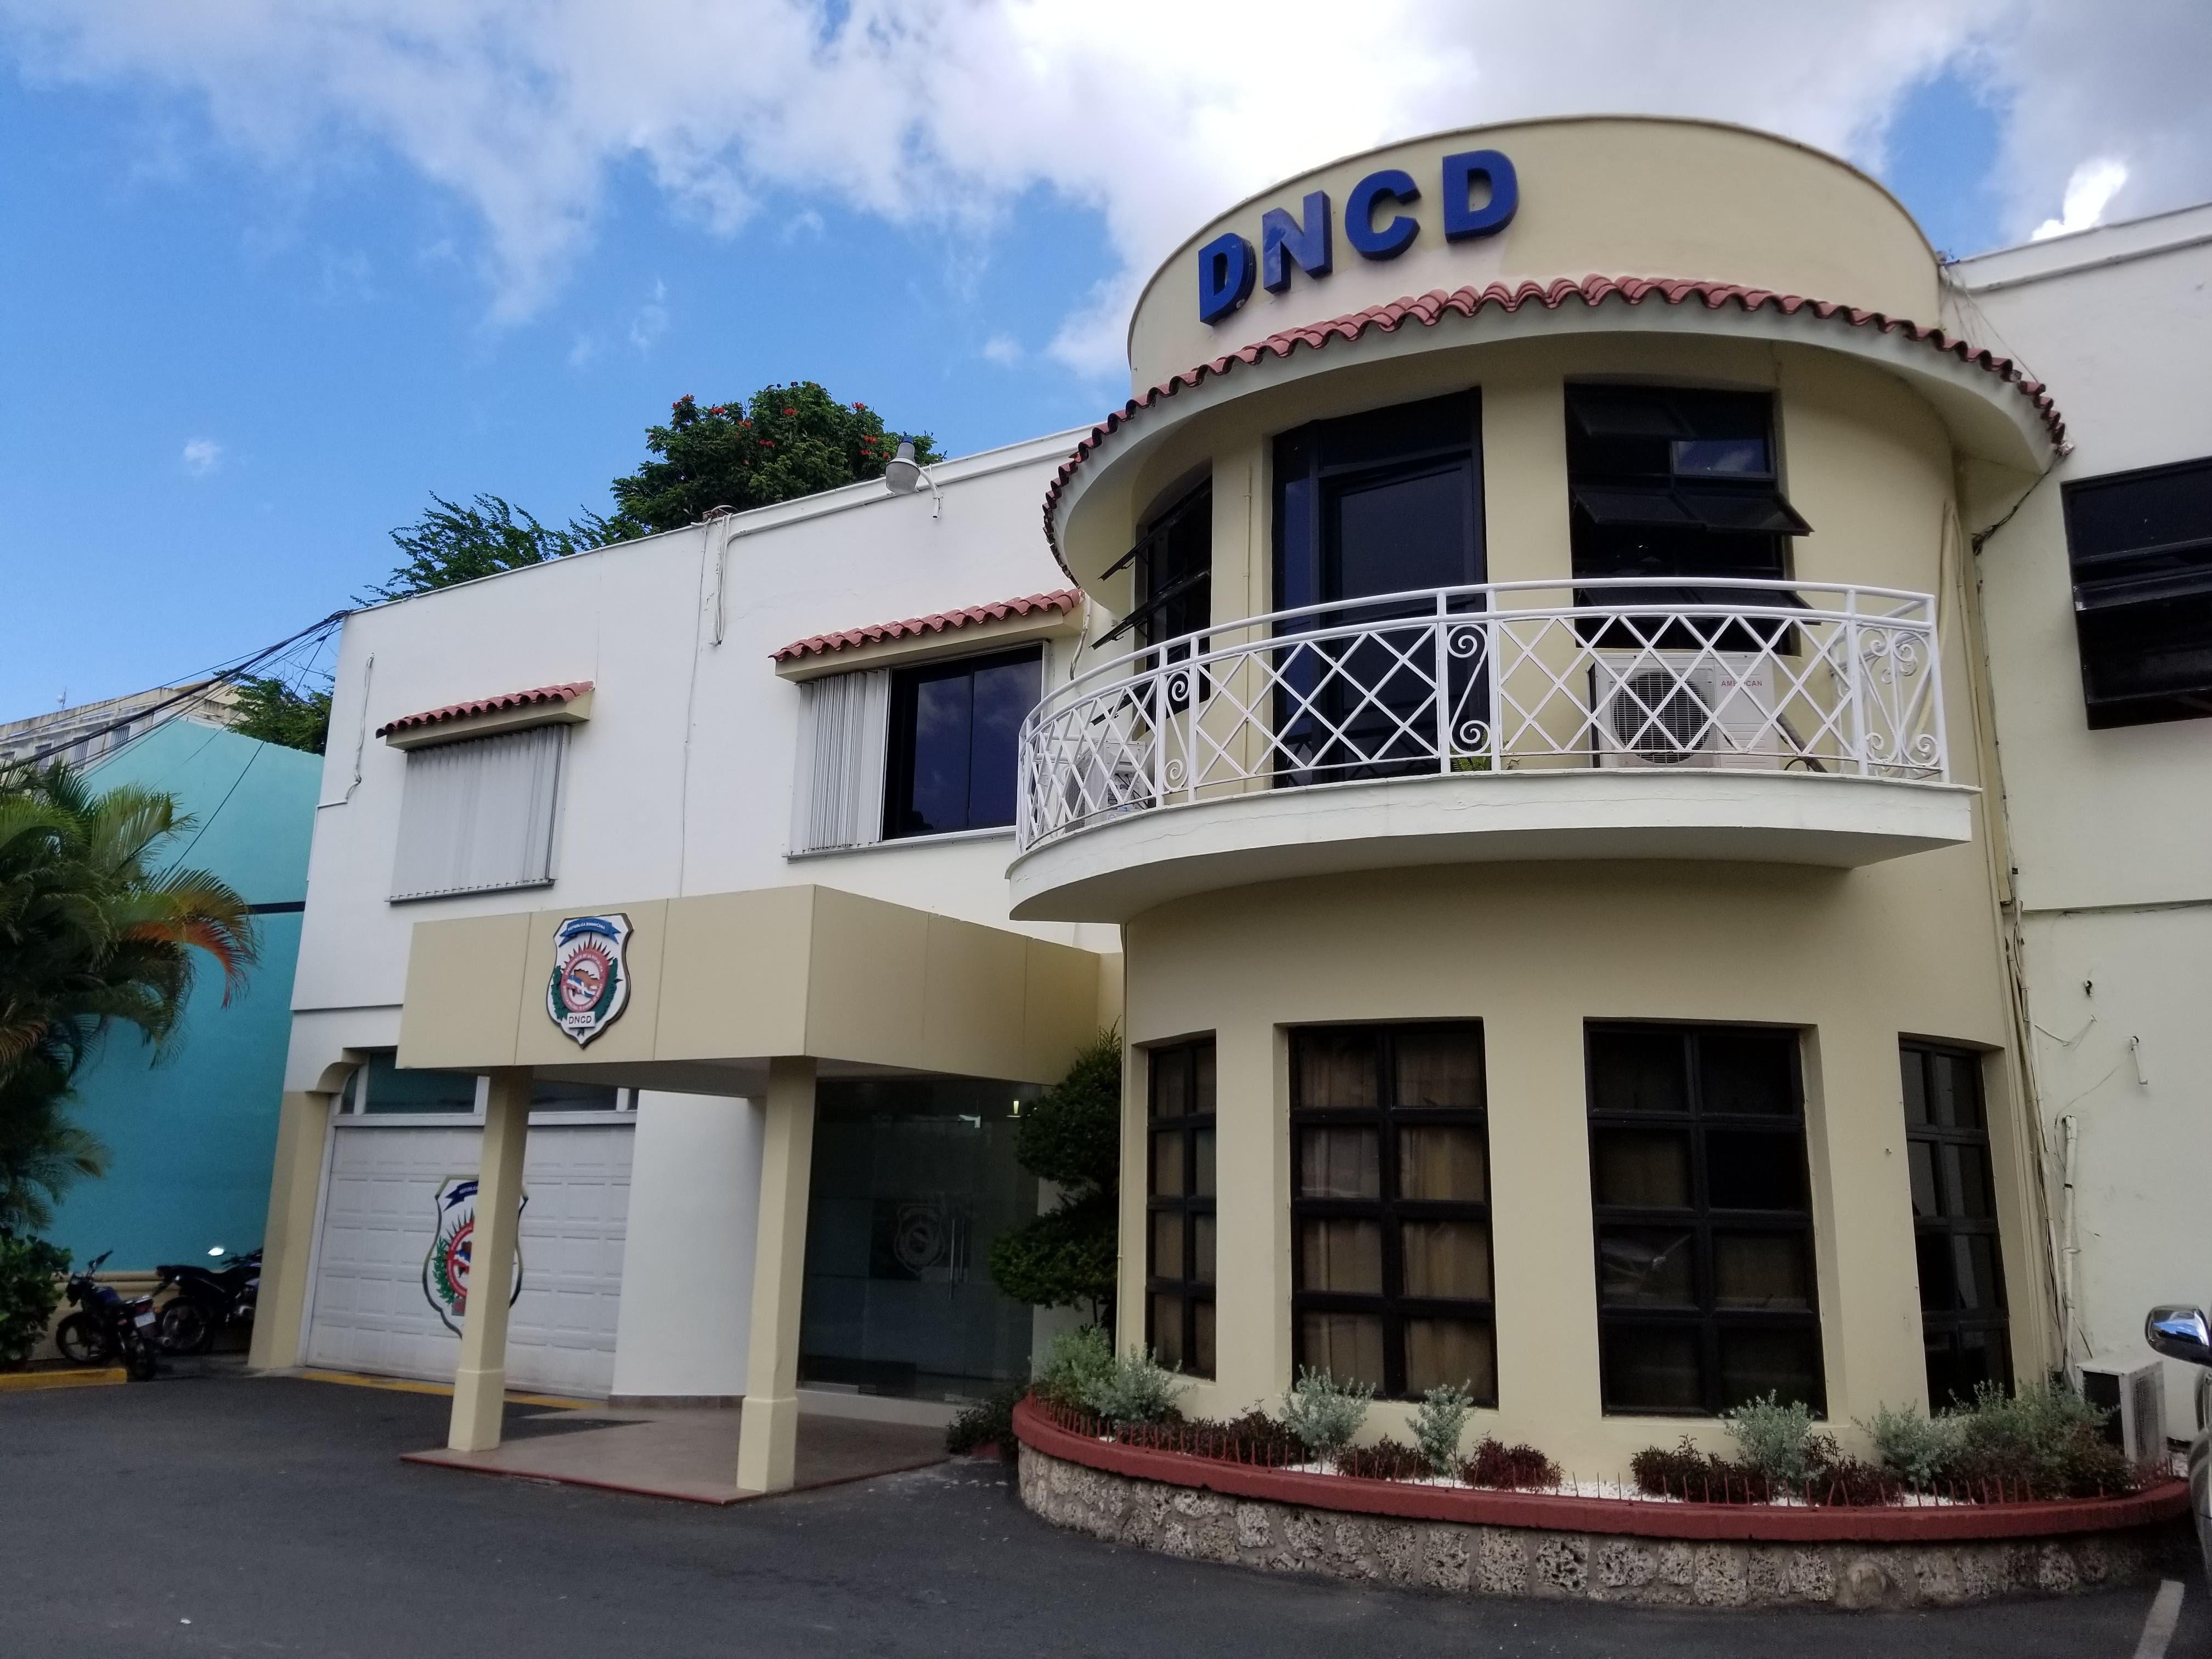 La DNCD y las Fuerzas Armadas, han conformado una comisión mixta de asuntos internos que ha sido apoderada de las indagatorias y conforme avancen las horas se darían otros detalles.